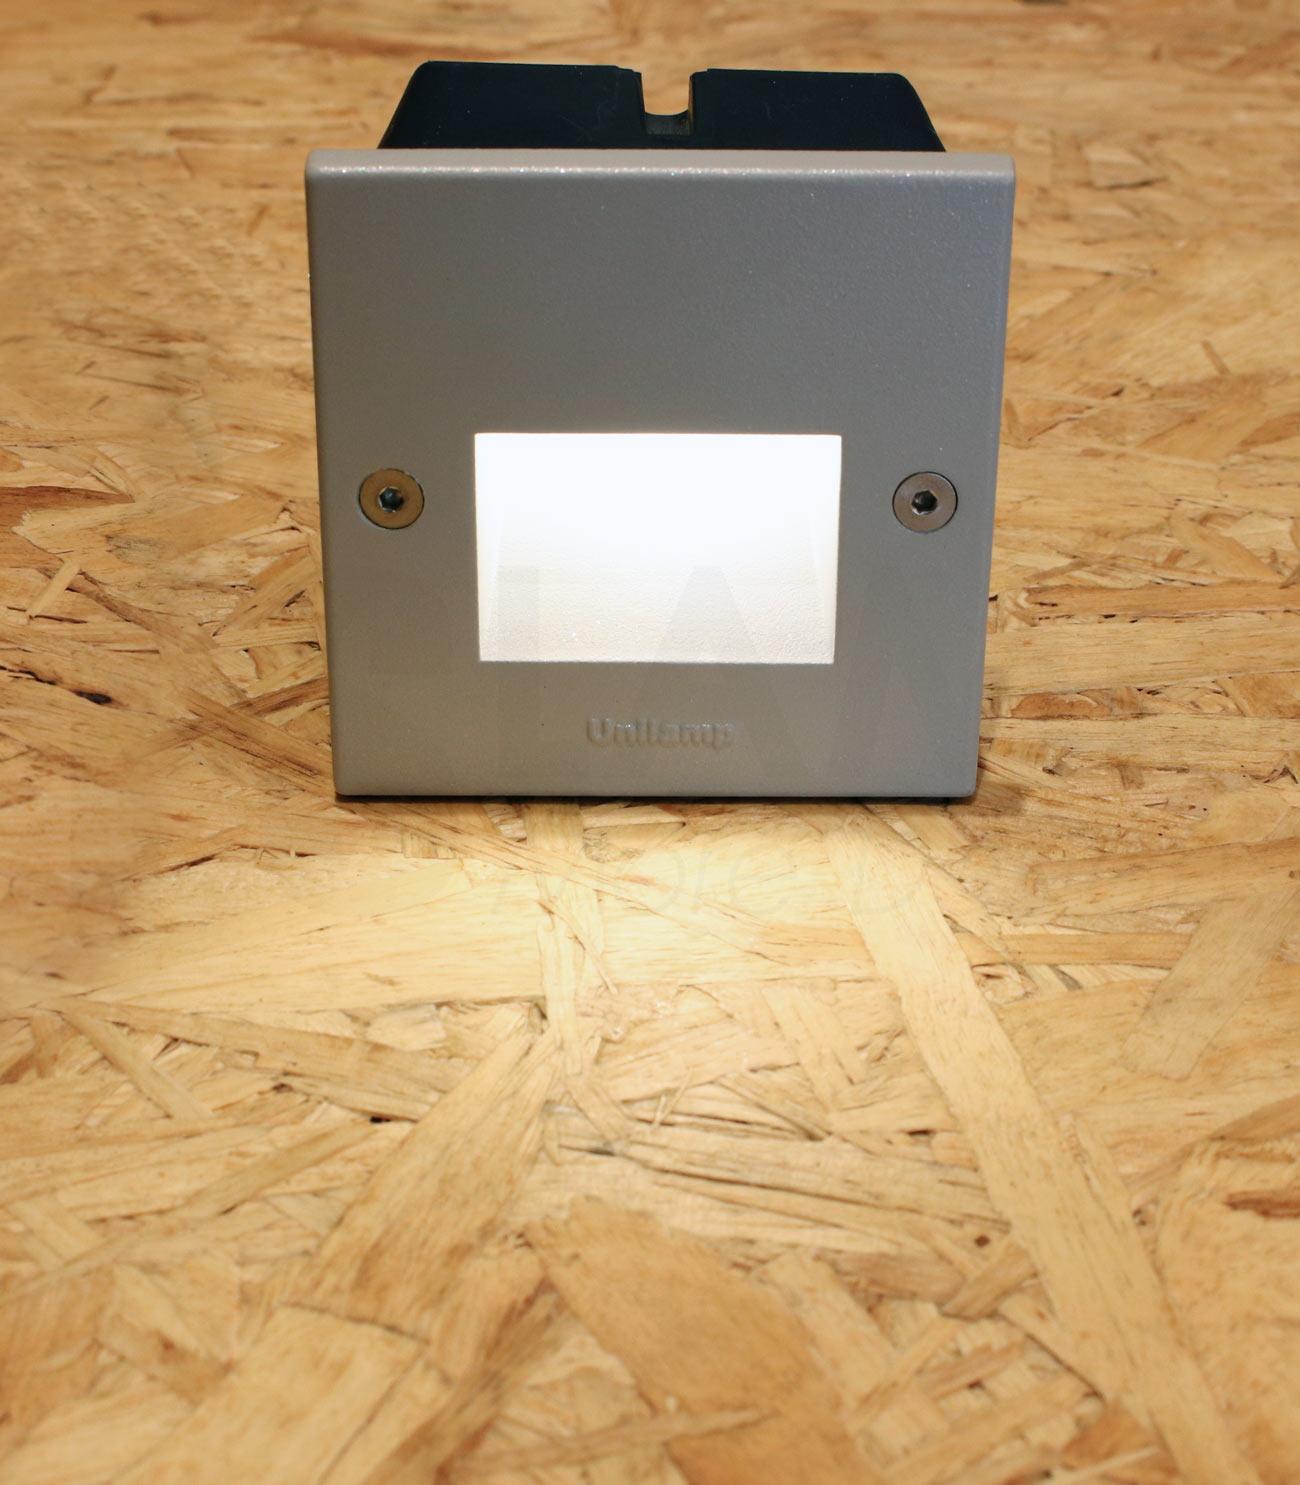 โคมไฟฝังผนัง Step Light โคมไฟภายนอก โคมไฟติดผนัง DOT-SQUARE-RAMP-SILVER